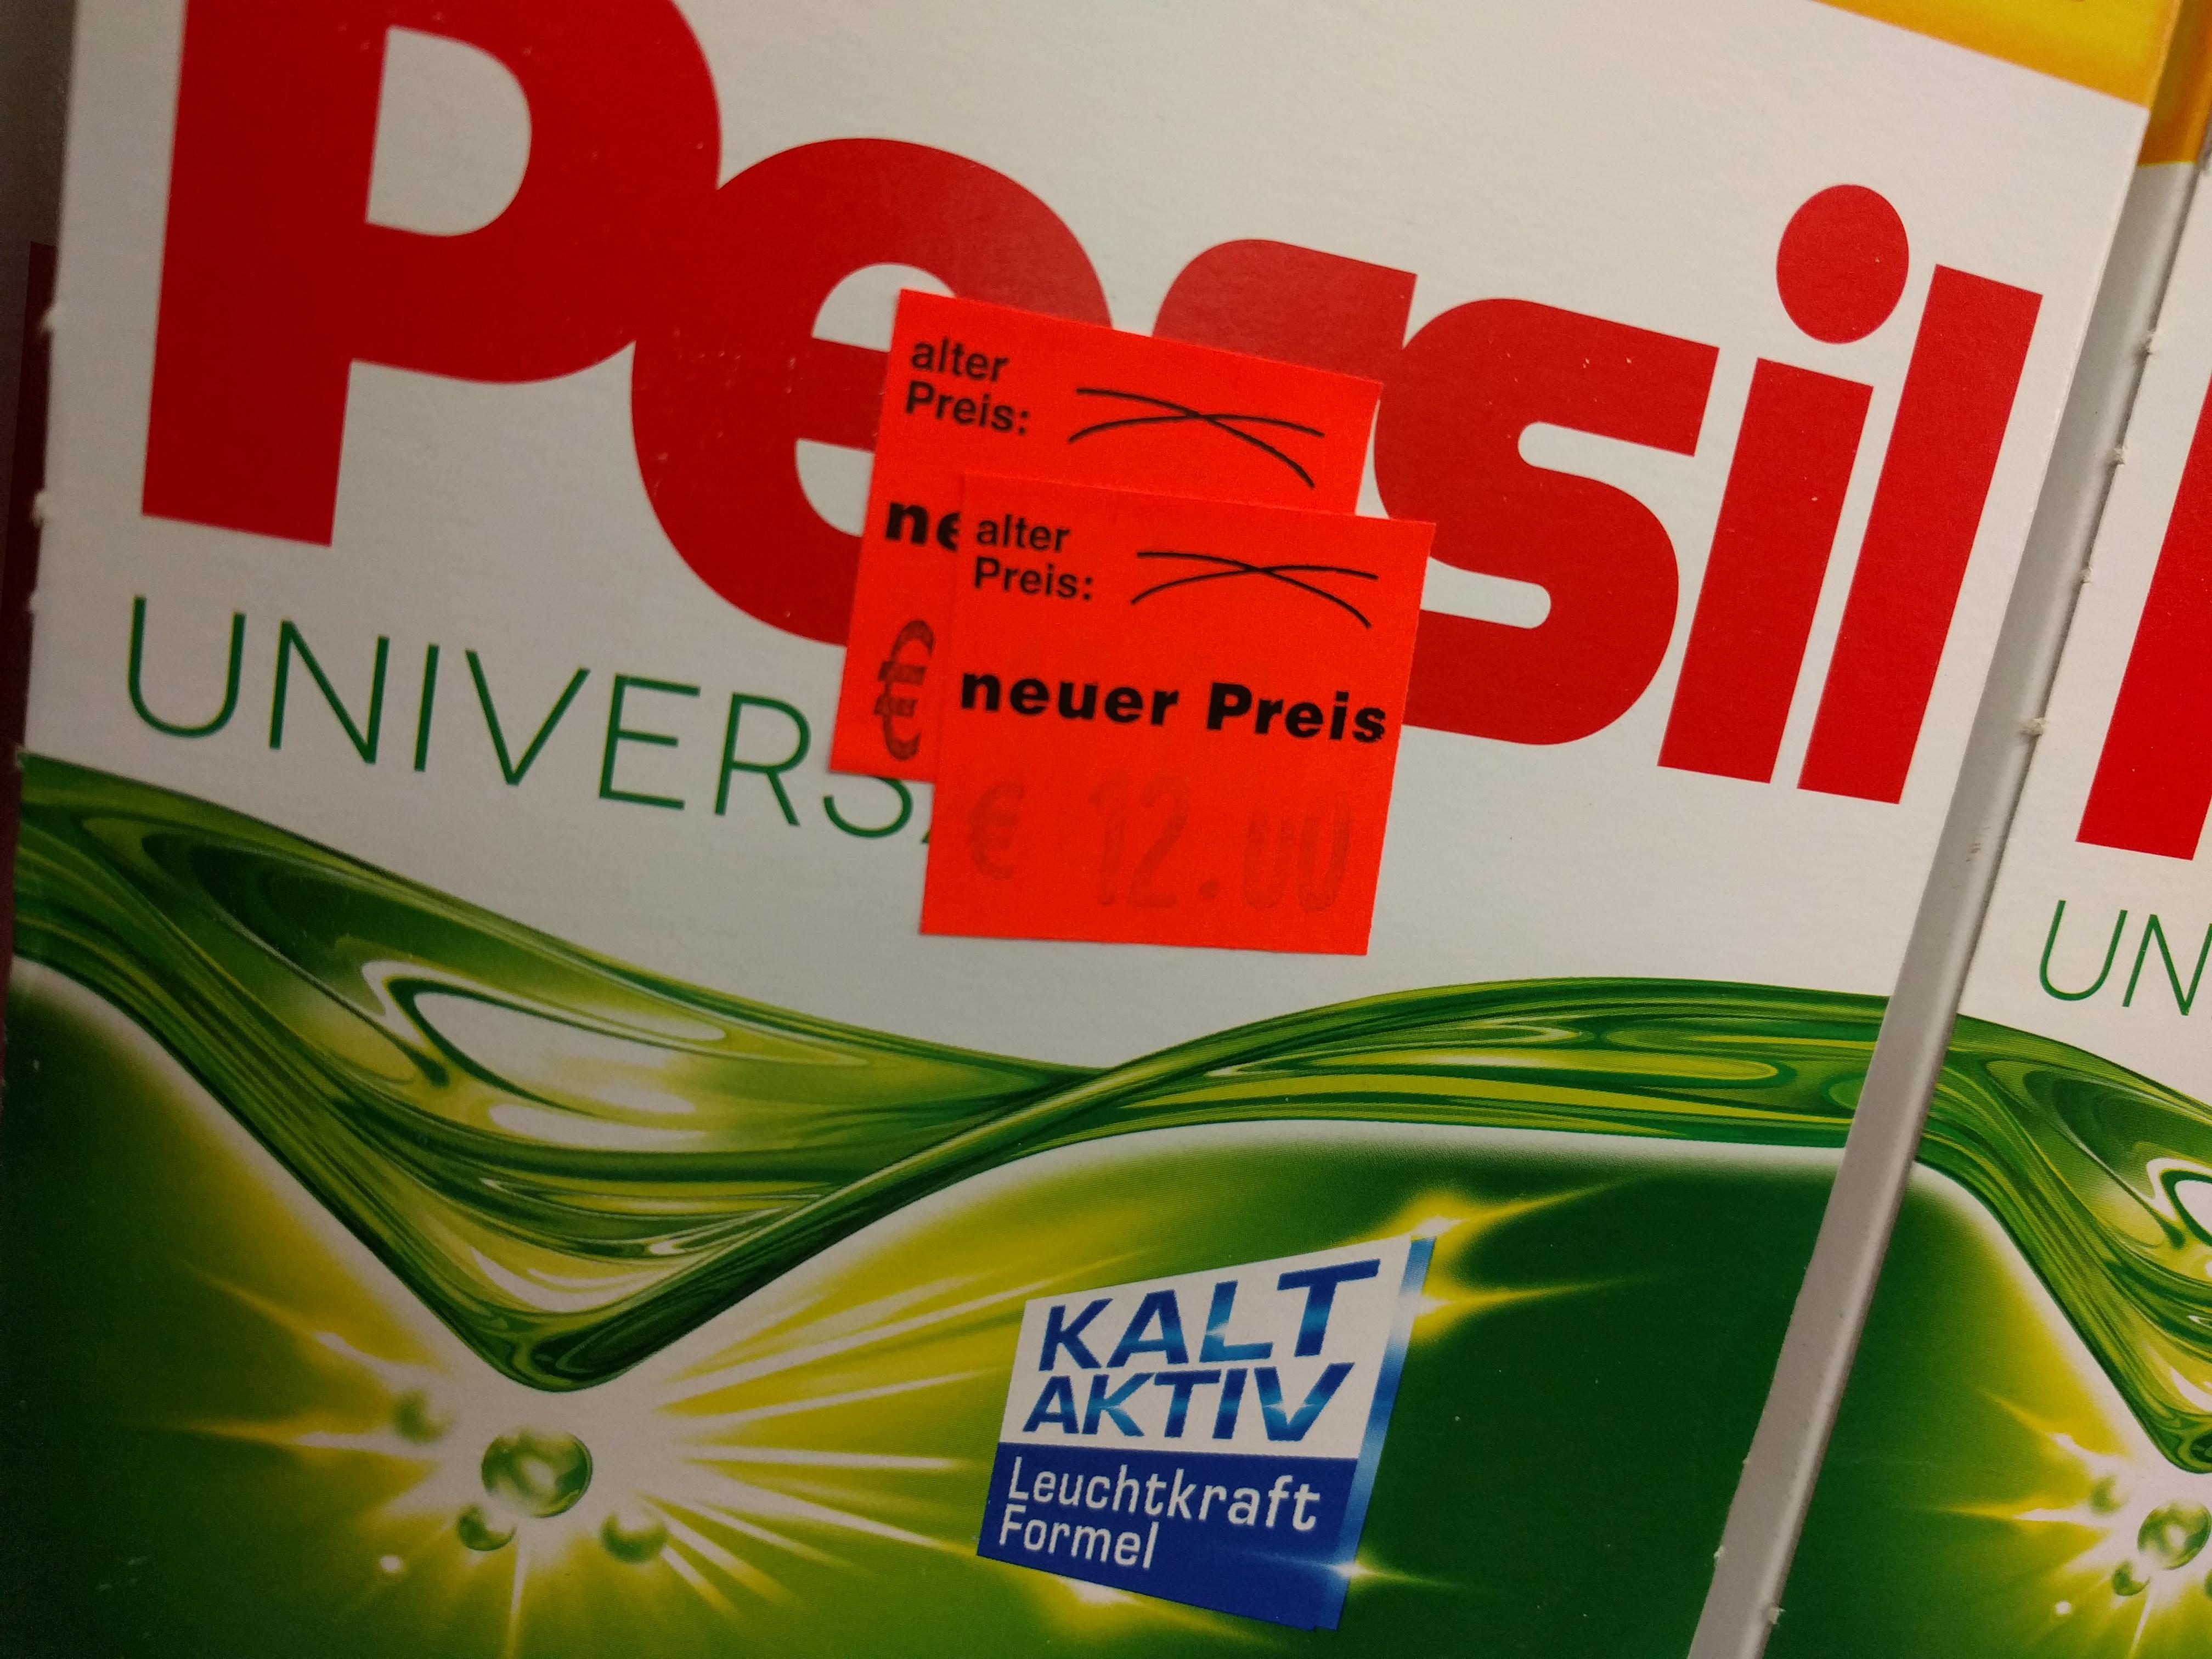 [Flensburg / Penny, Tilsiter Str. 2-4] 100 WL PERSIL Universal- oder Colorwaschmittel